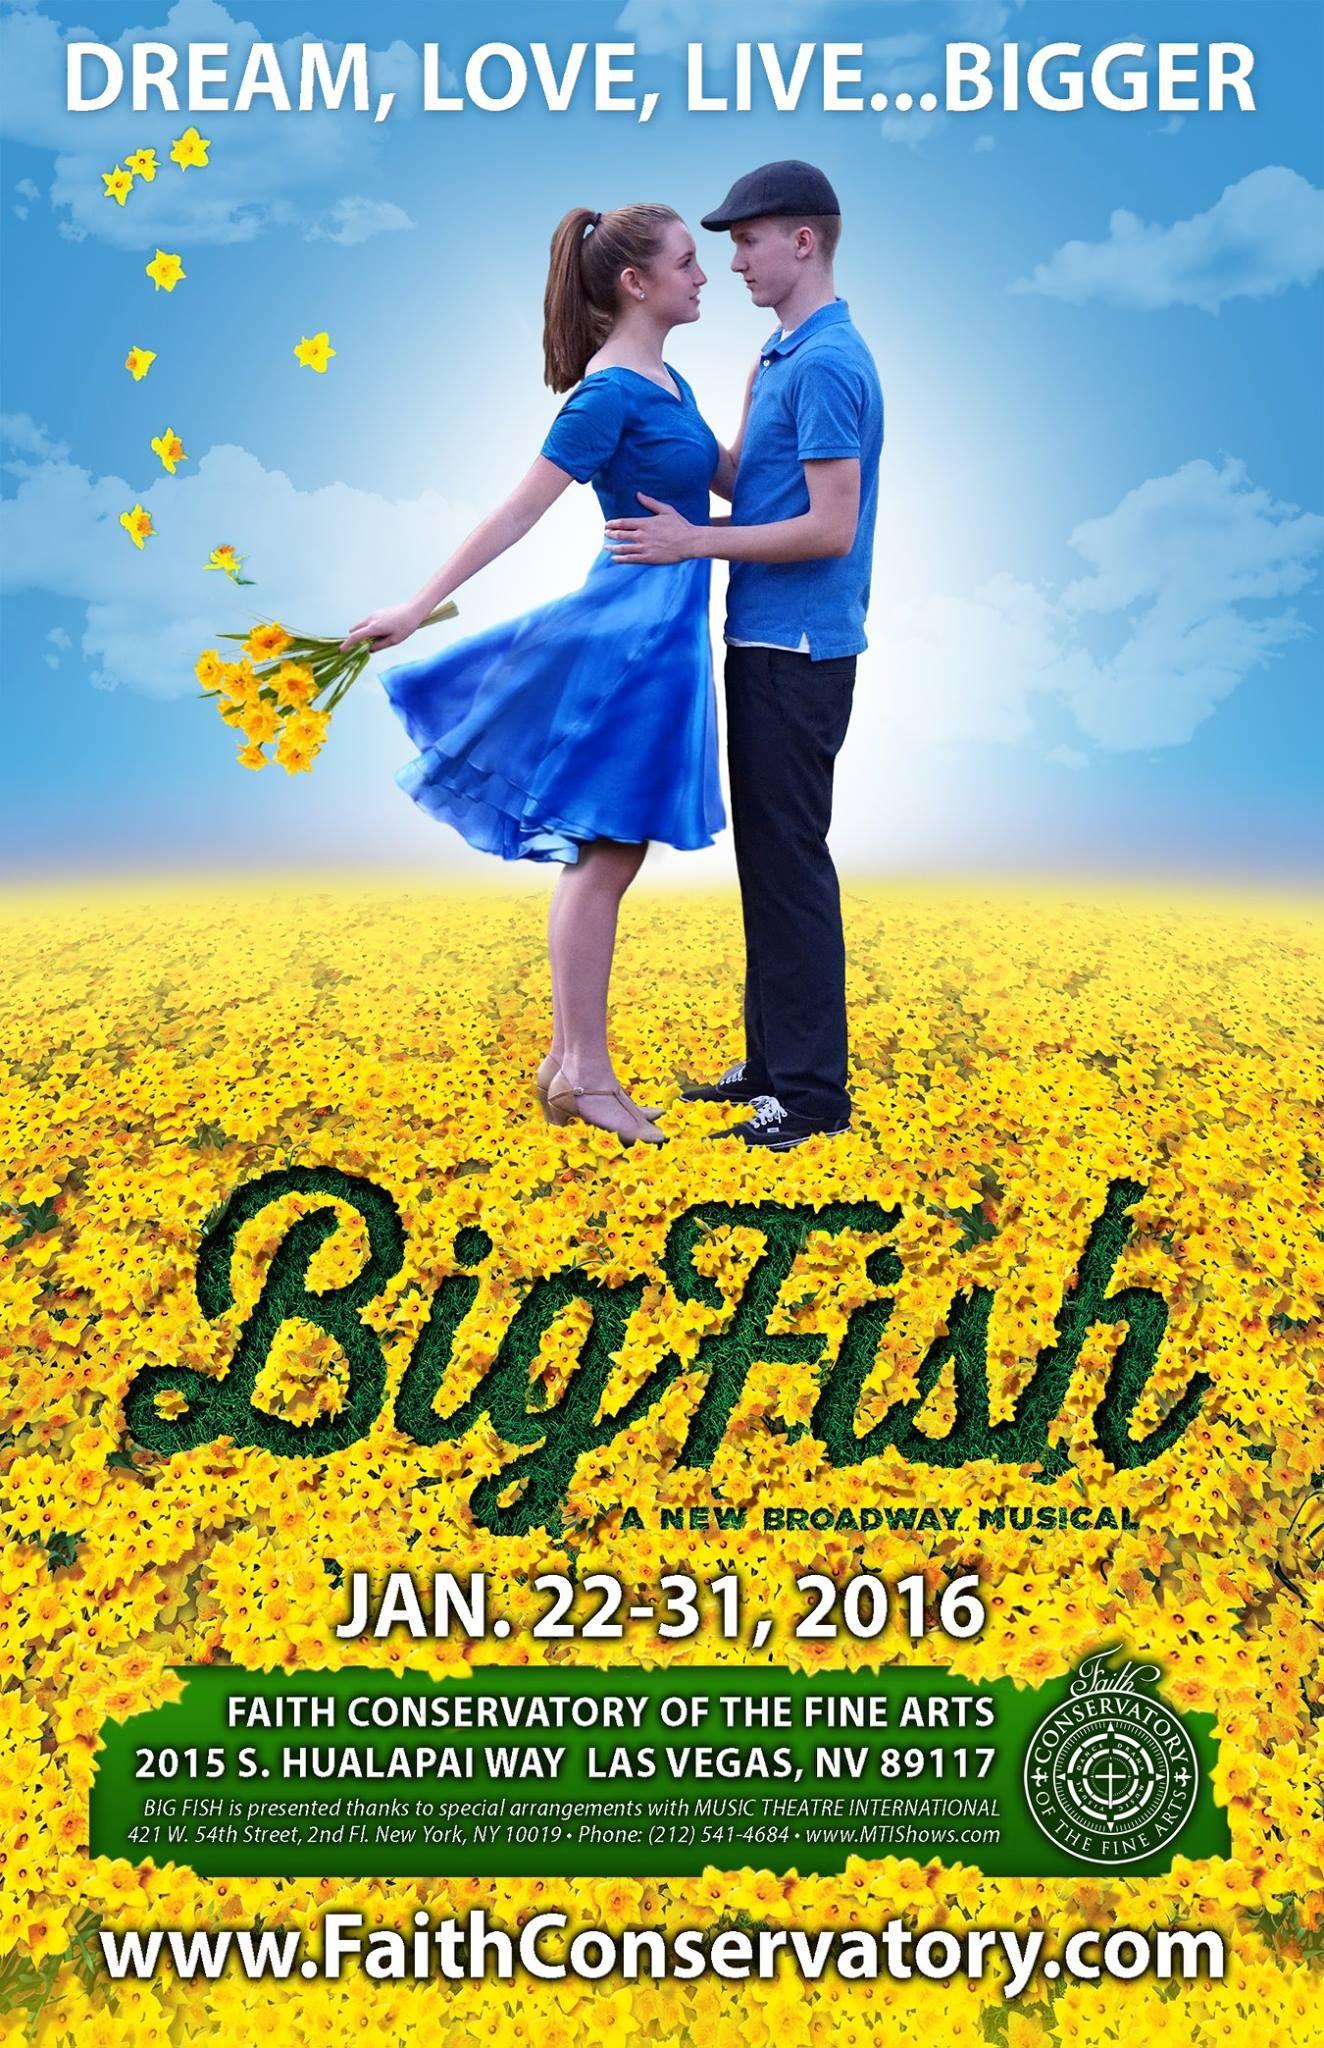 Dating Big Fish